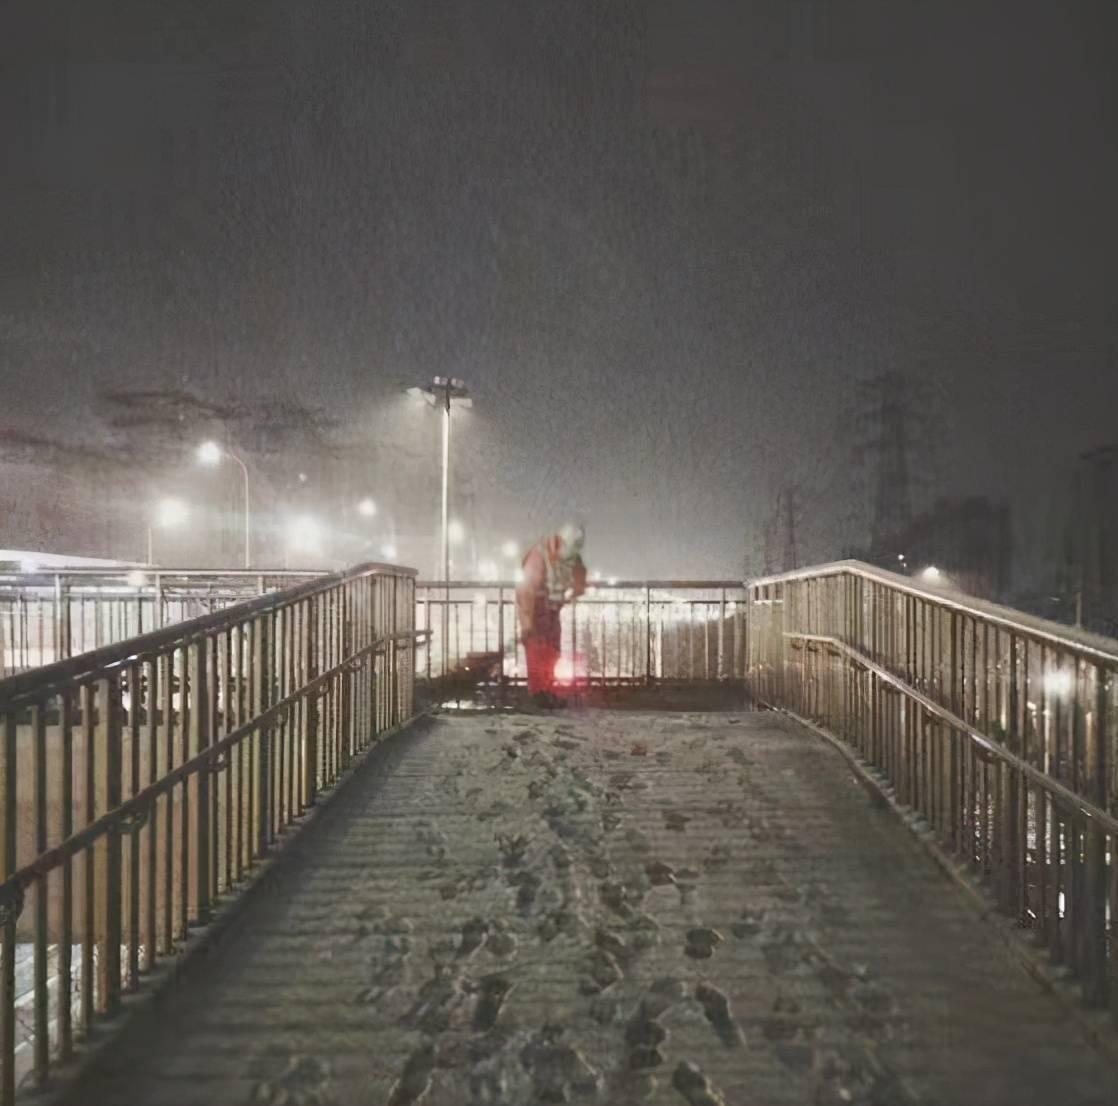 目前北京道路通行条件良好,未出现积雪结冰现象